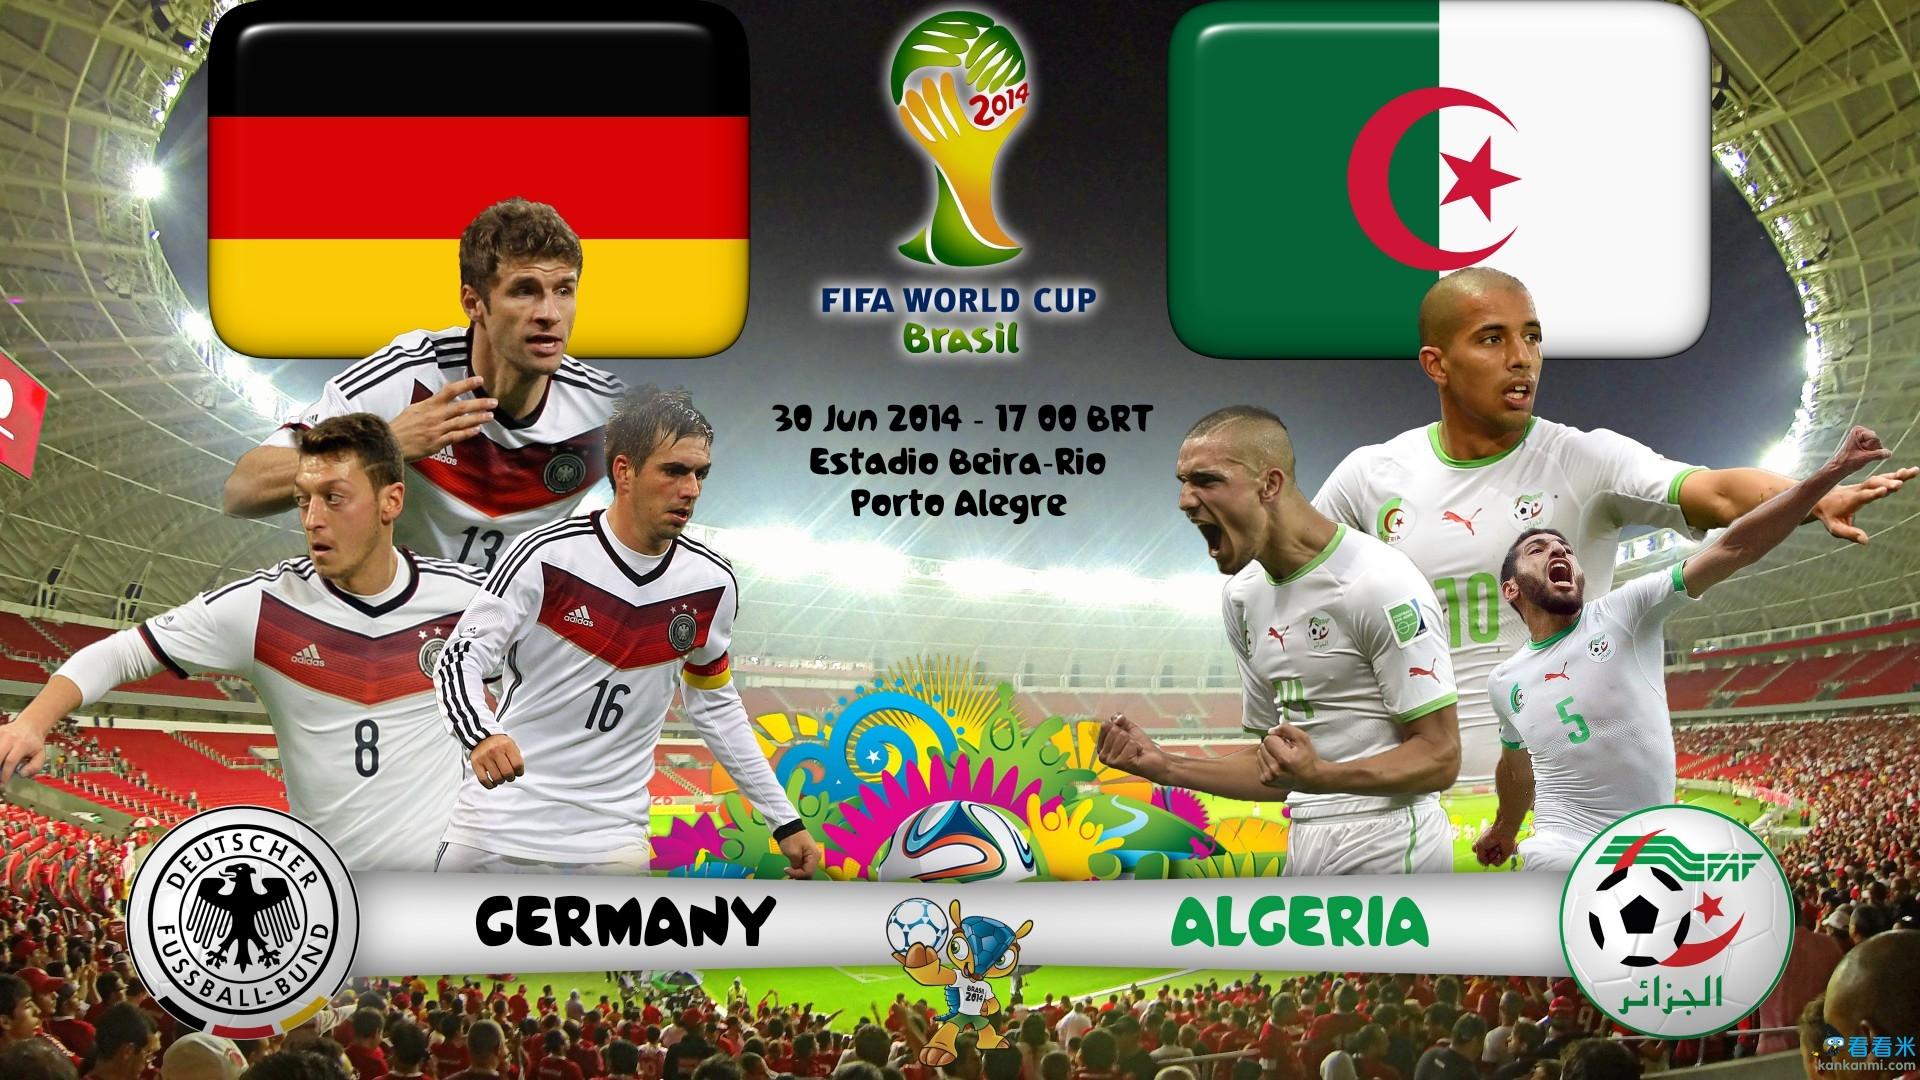 世界杯德国VS阿尔及利亚最新情报汇总:战车望改写历史